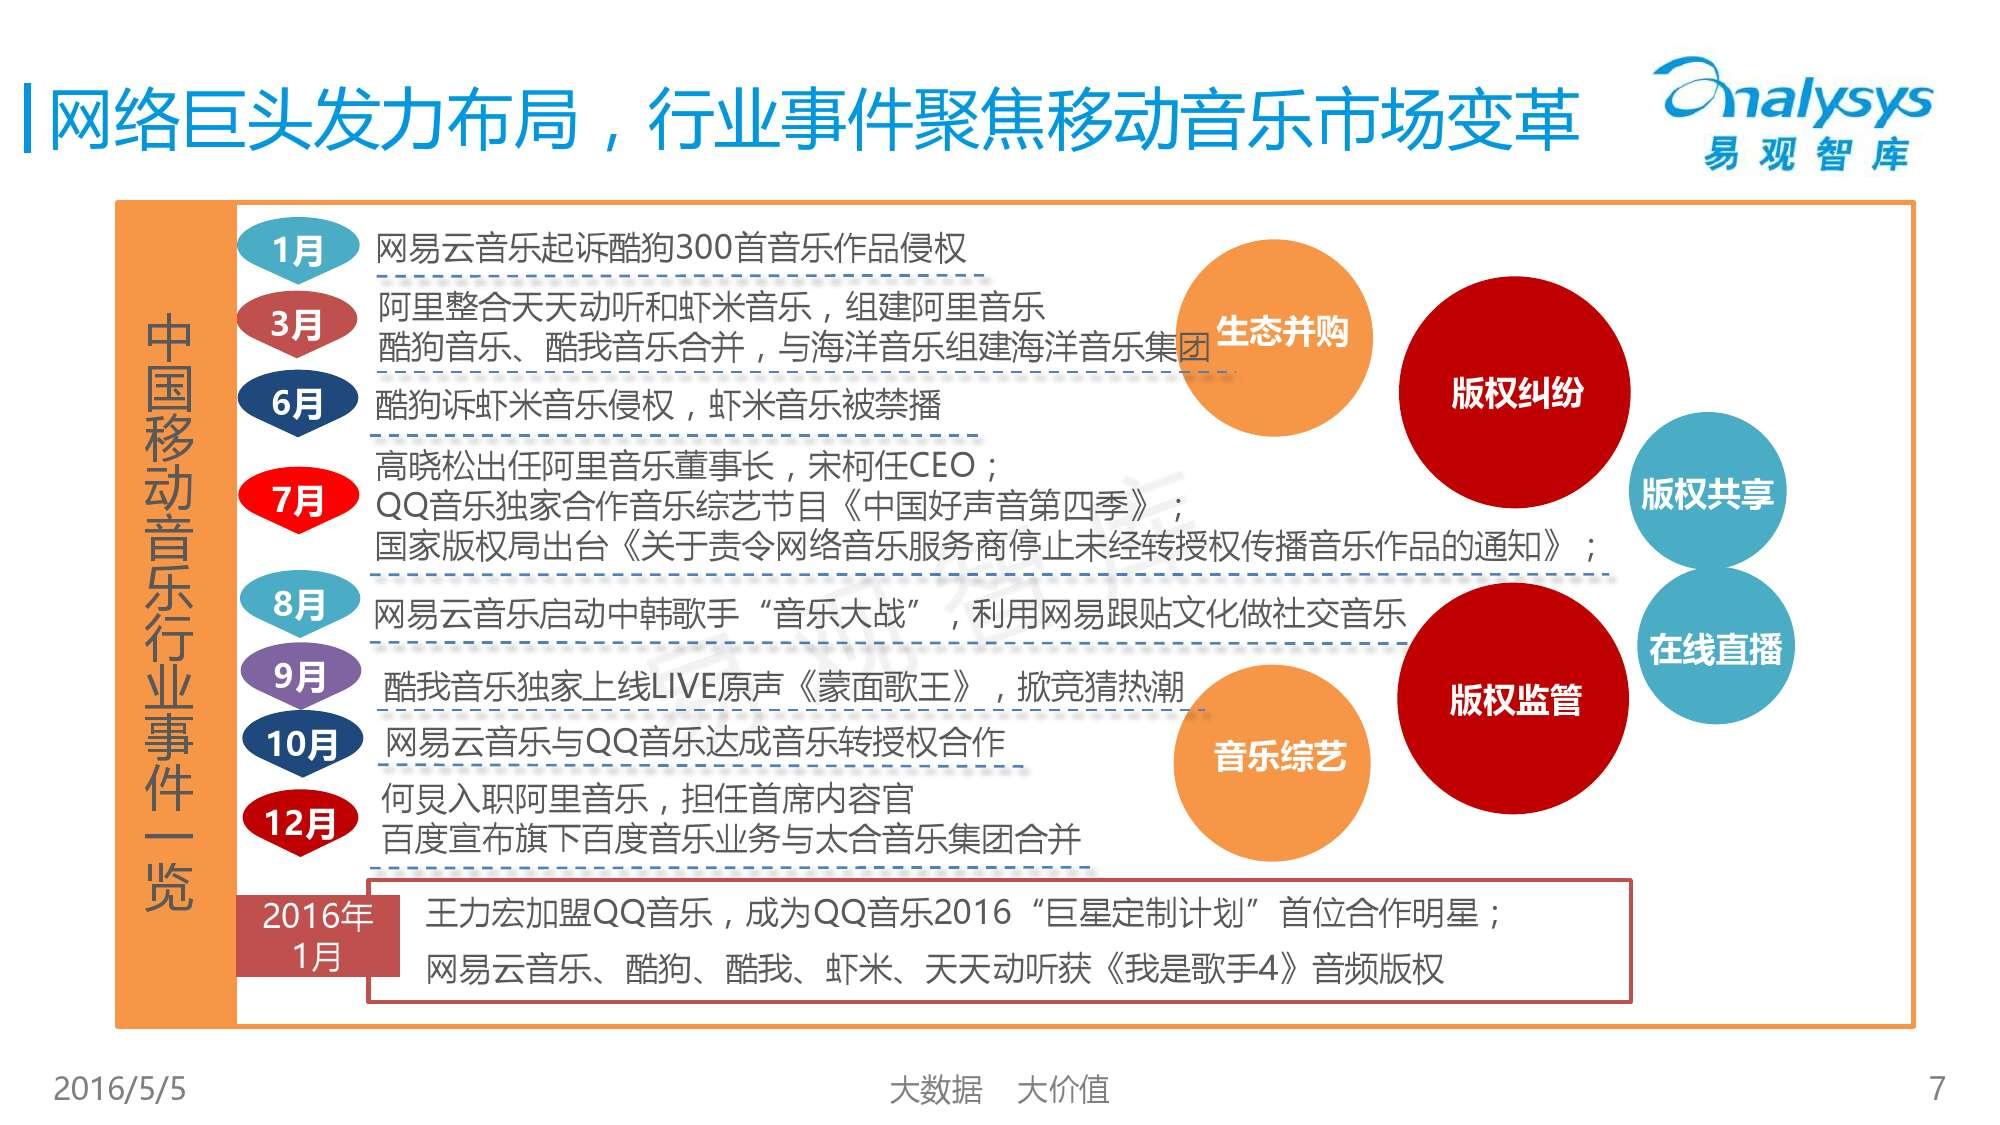 2016中国移动音乐市场年度综合报告_000007